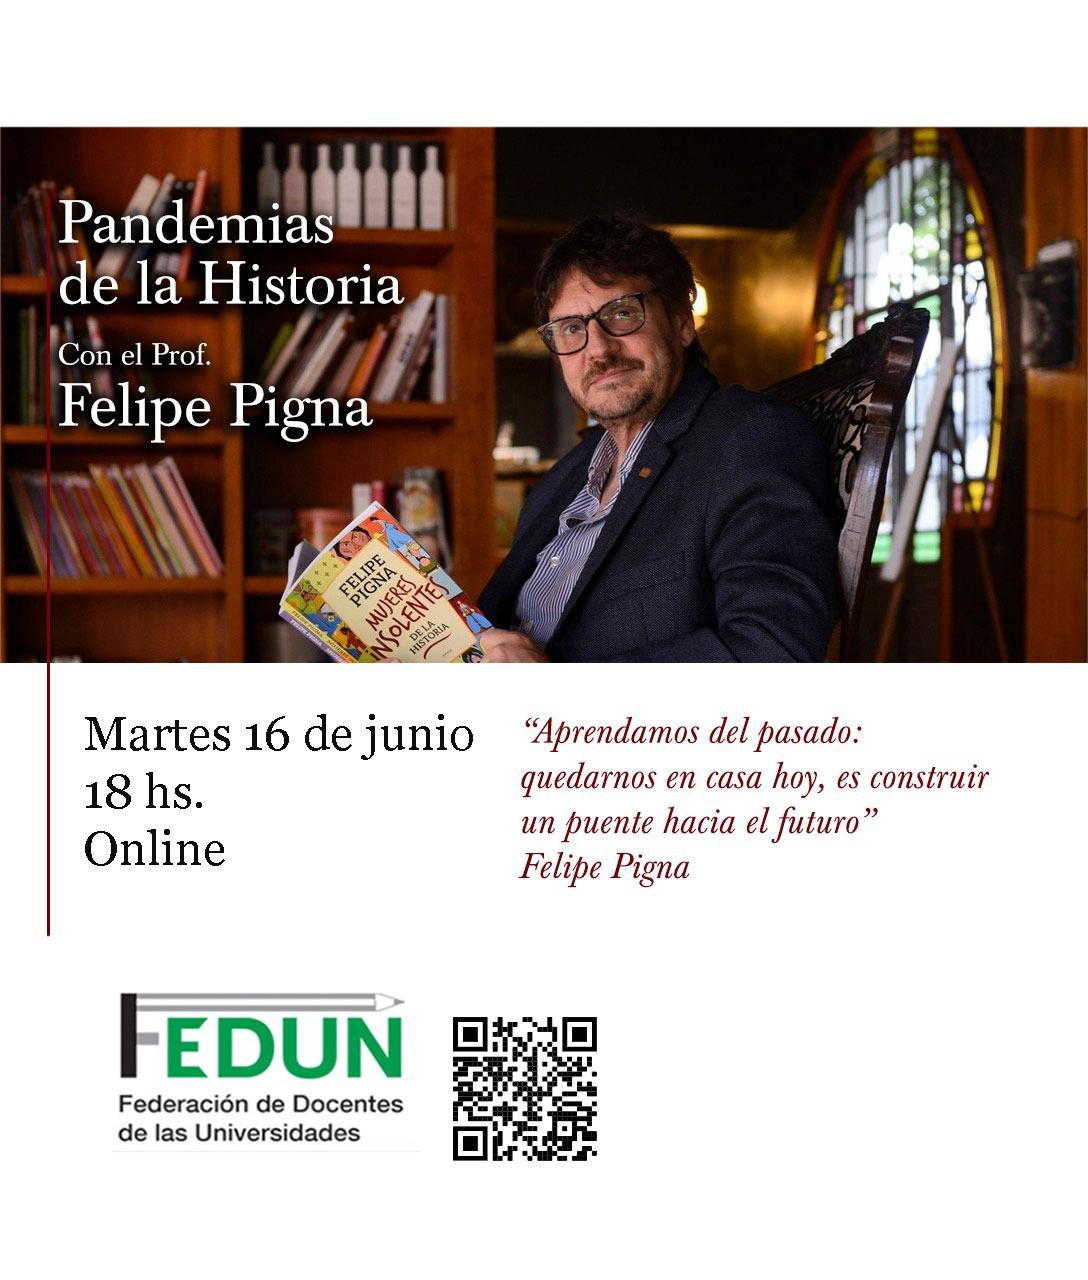 Charla debate con Felipe Pigna sobre pandemias en la historia, organizada por la FEDUN